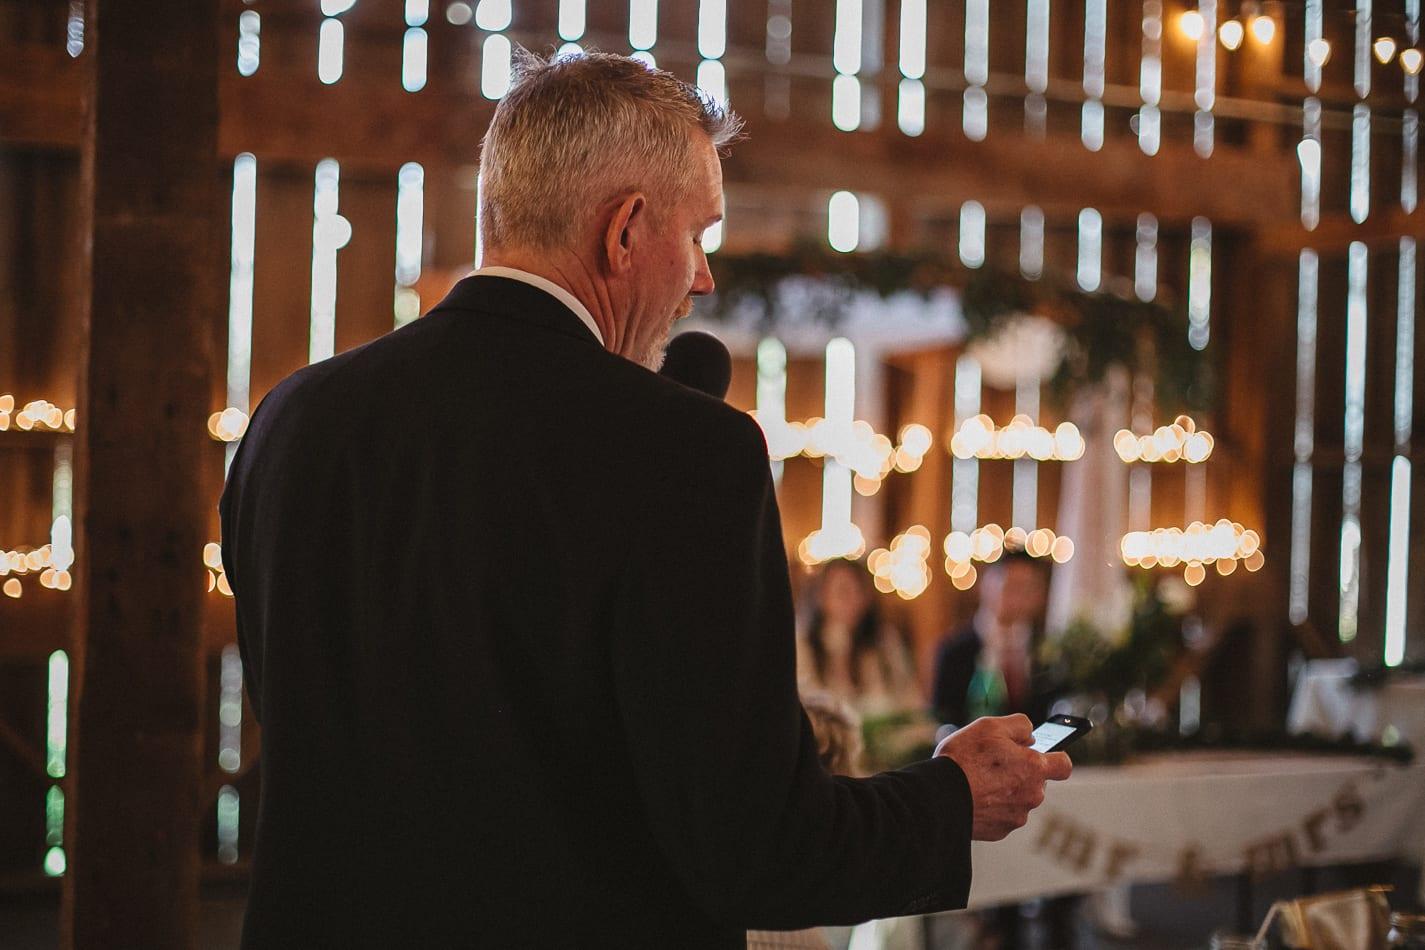 gover-ranch-redding-california-wedding-photographer-211